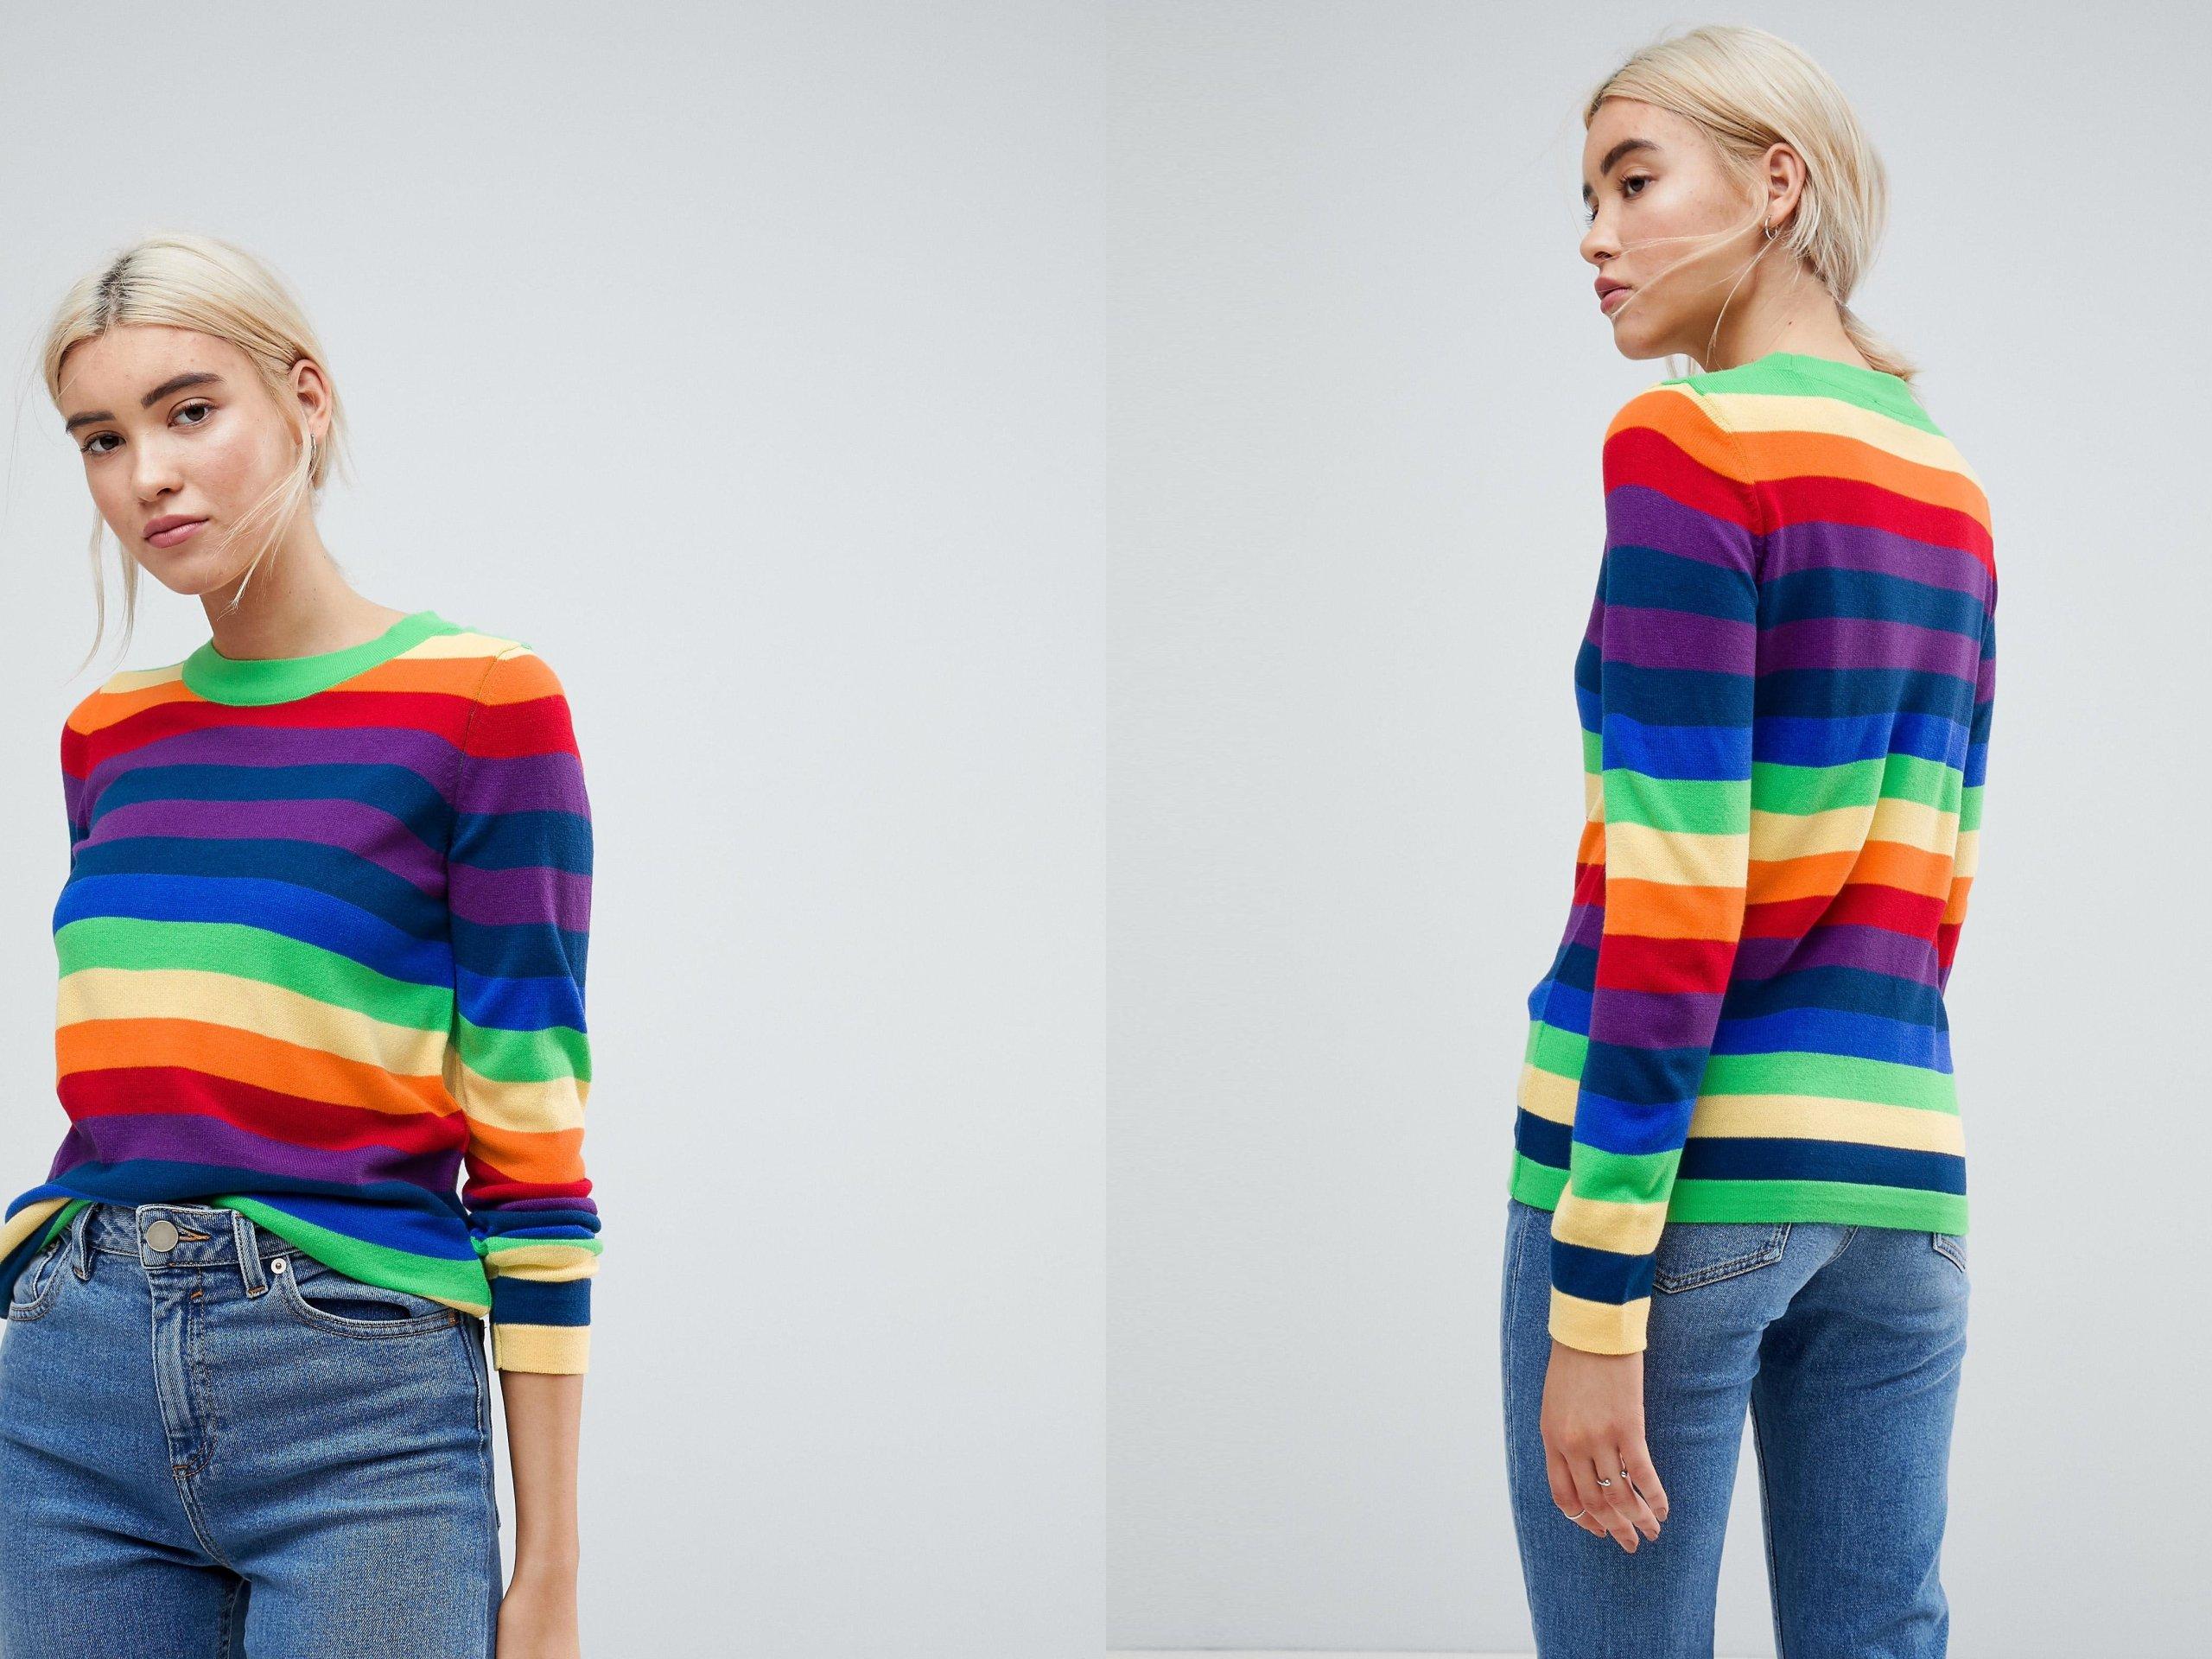 02a8ffb874e3b5 Kolorowy sweter damski w paski XS/34 - 7274911344 - oficjalne ...